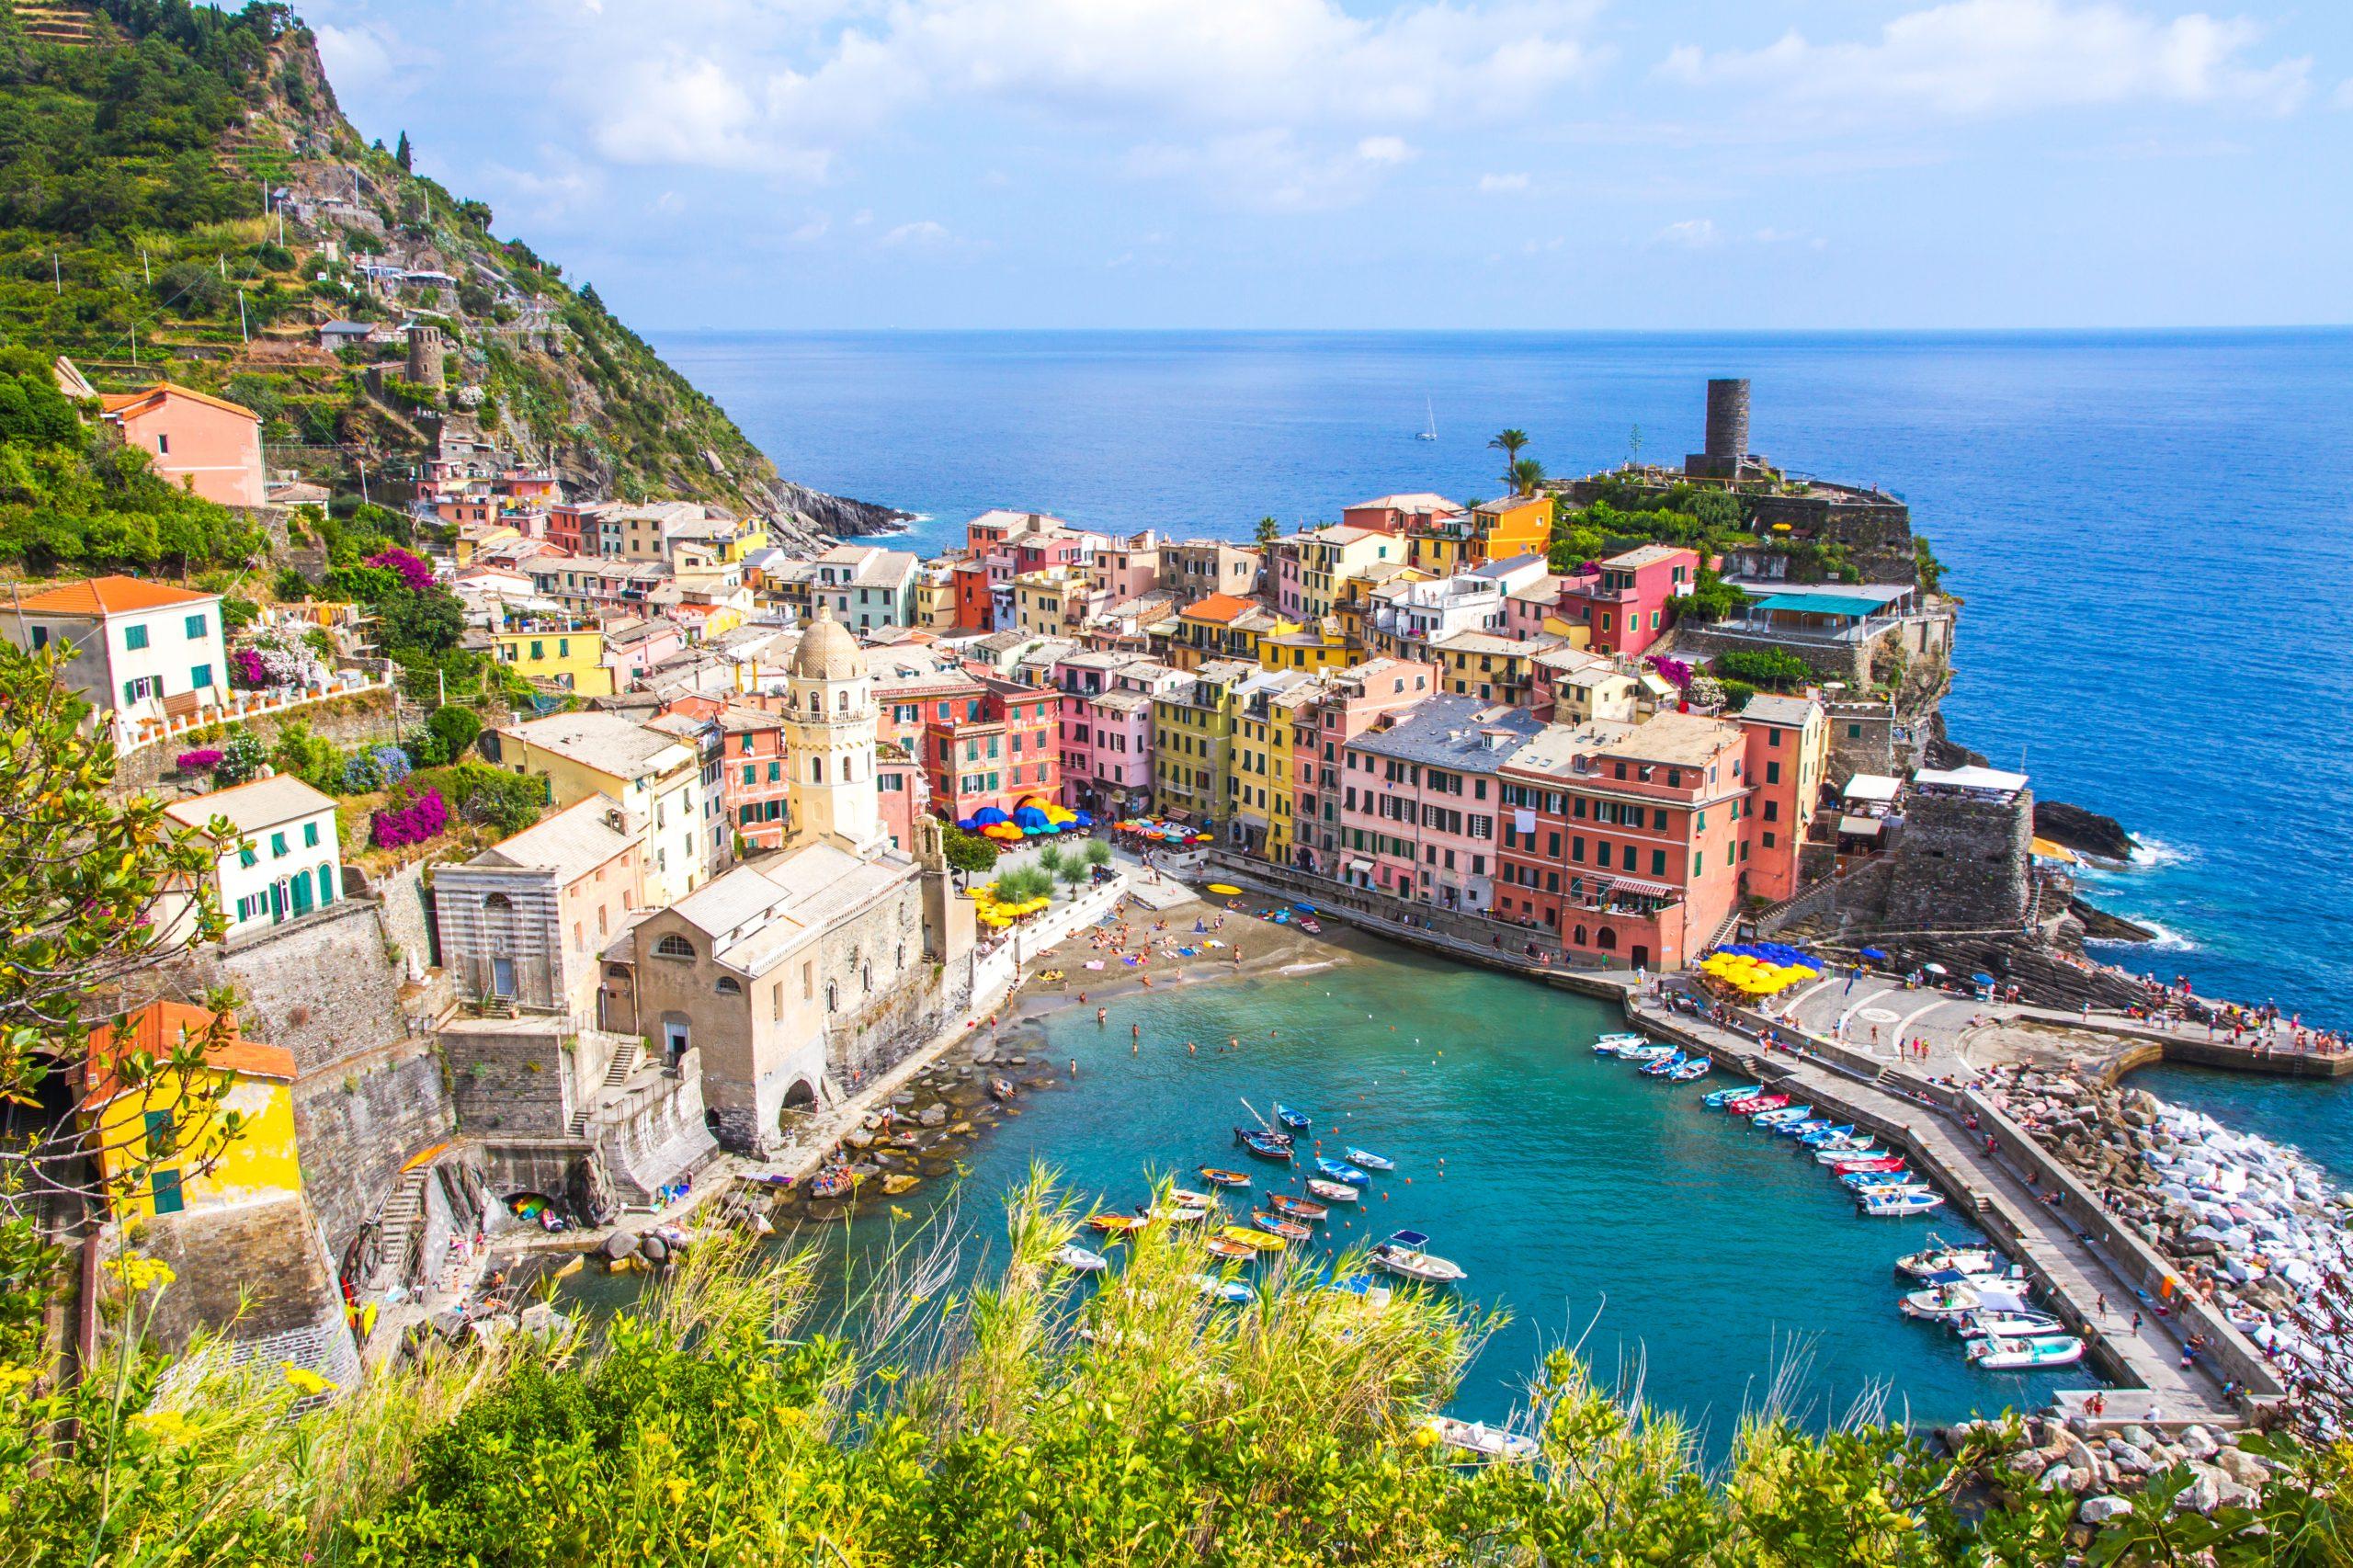 Jednodniowa wycieczka do Cinque Terre